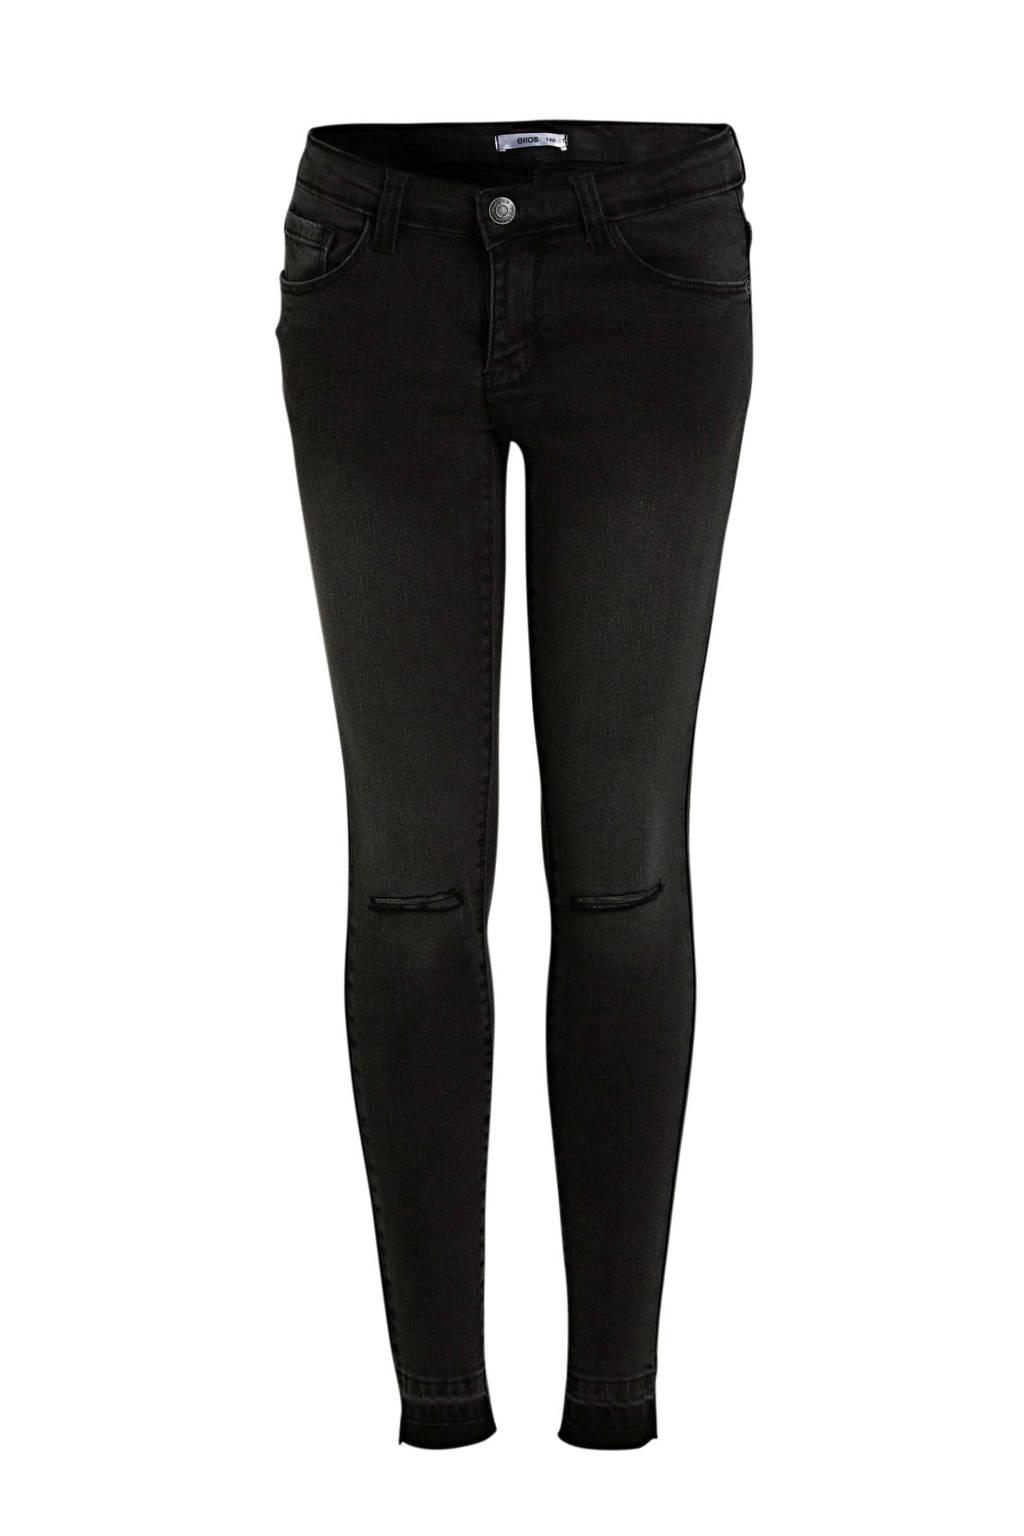 Ellos slim fit jeans York zwart, Zwart